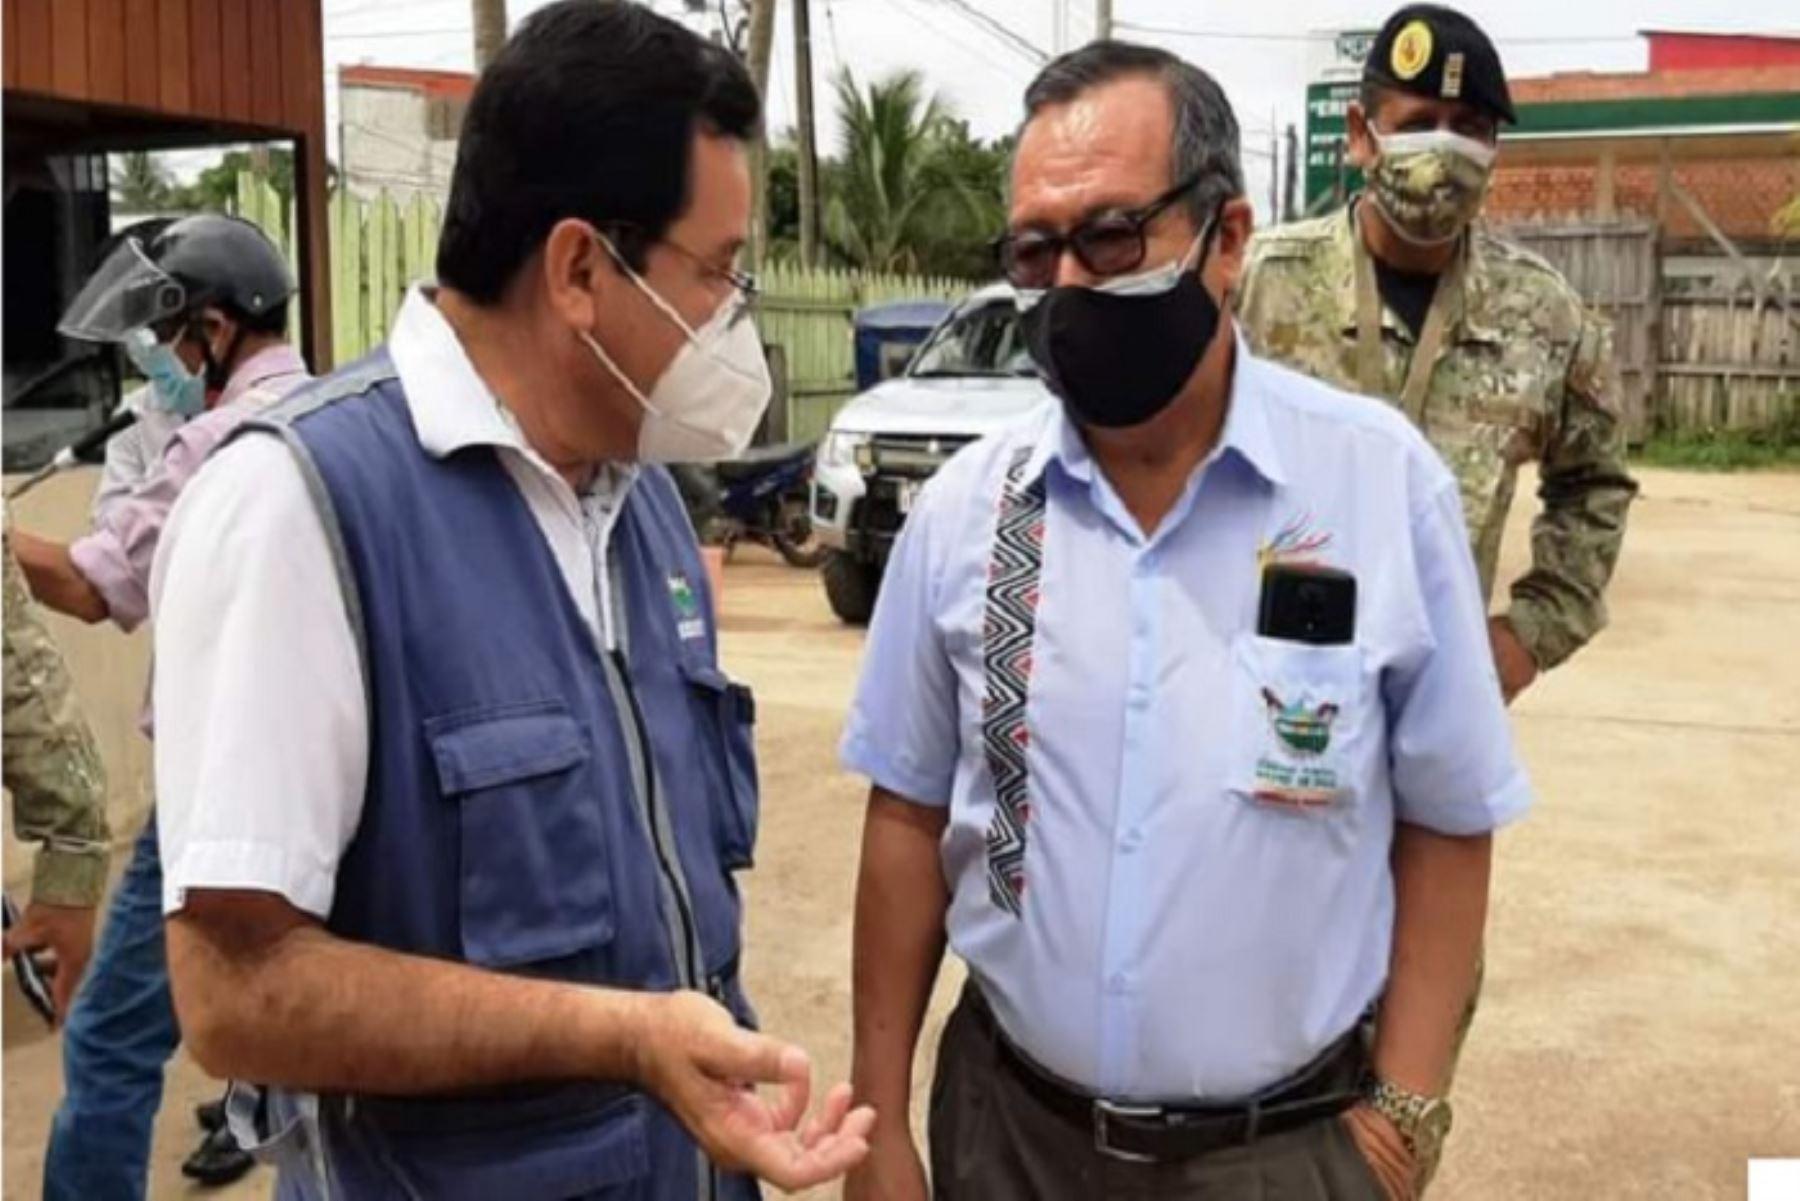 El gobernador regional de Madre de Dios, Luis Hidalgo, informó que se han redoblado las medidas de prevención ante la variante Delta del nuevo coronavirus.